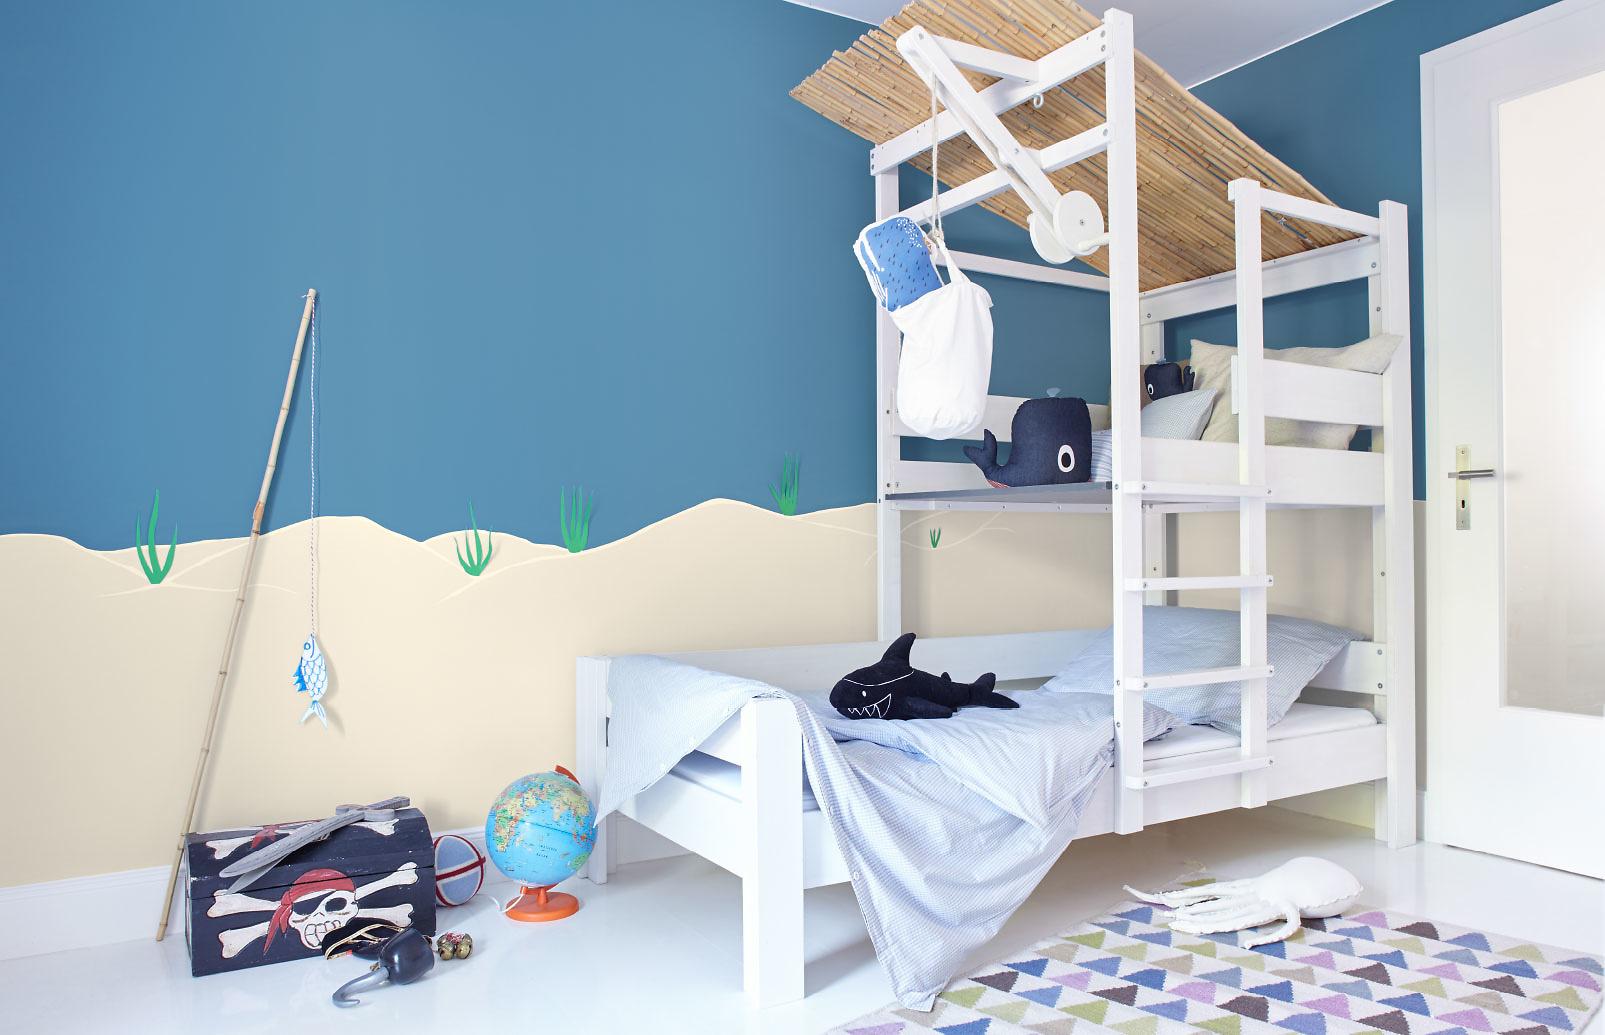 Blau alpina farben - Kinderzimmer gestalten farben ...